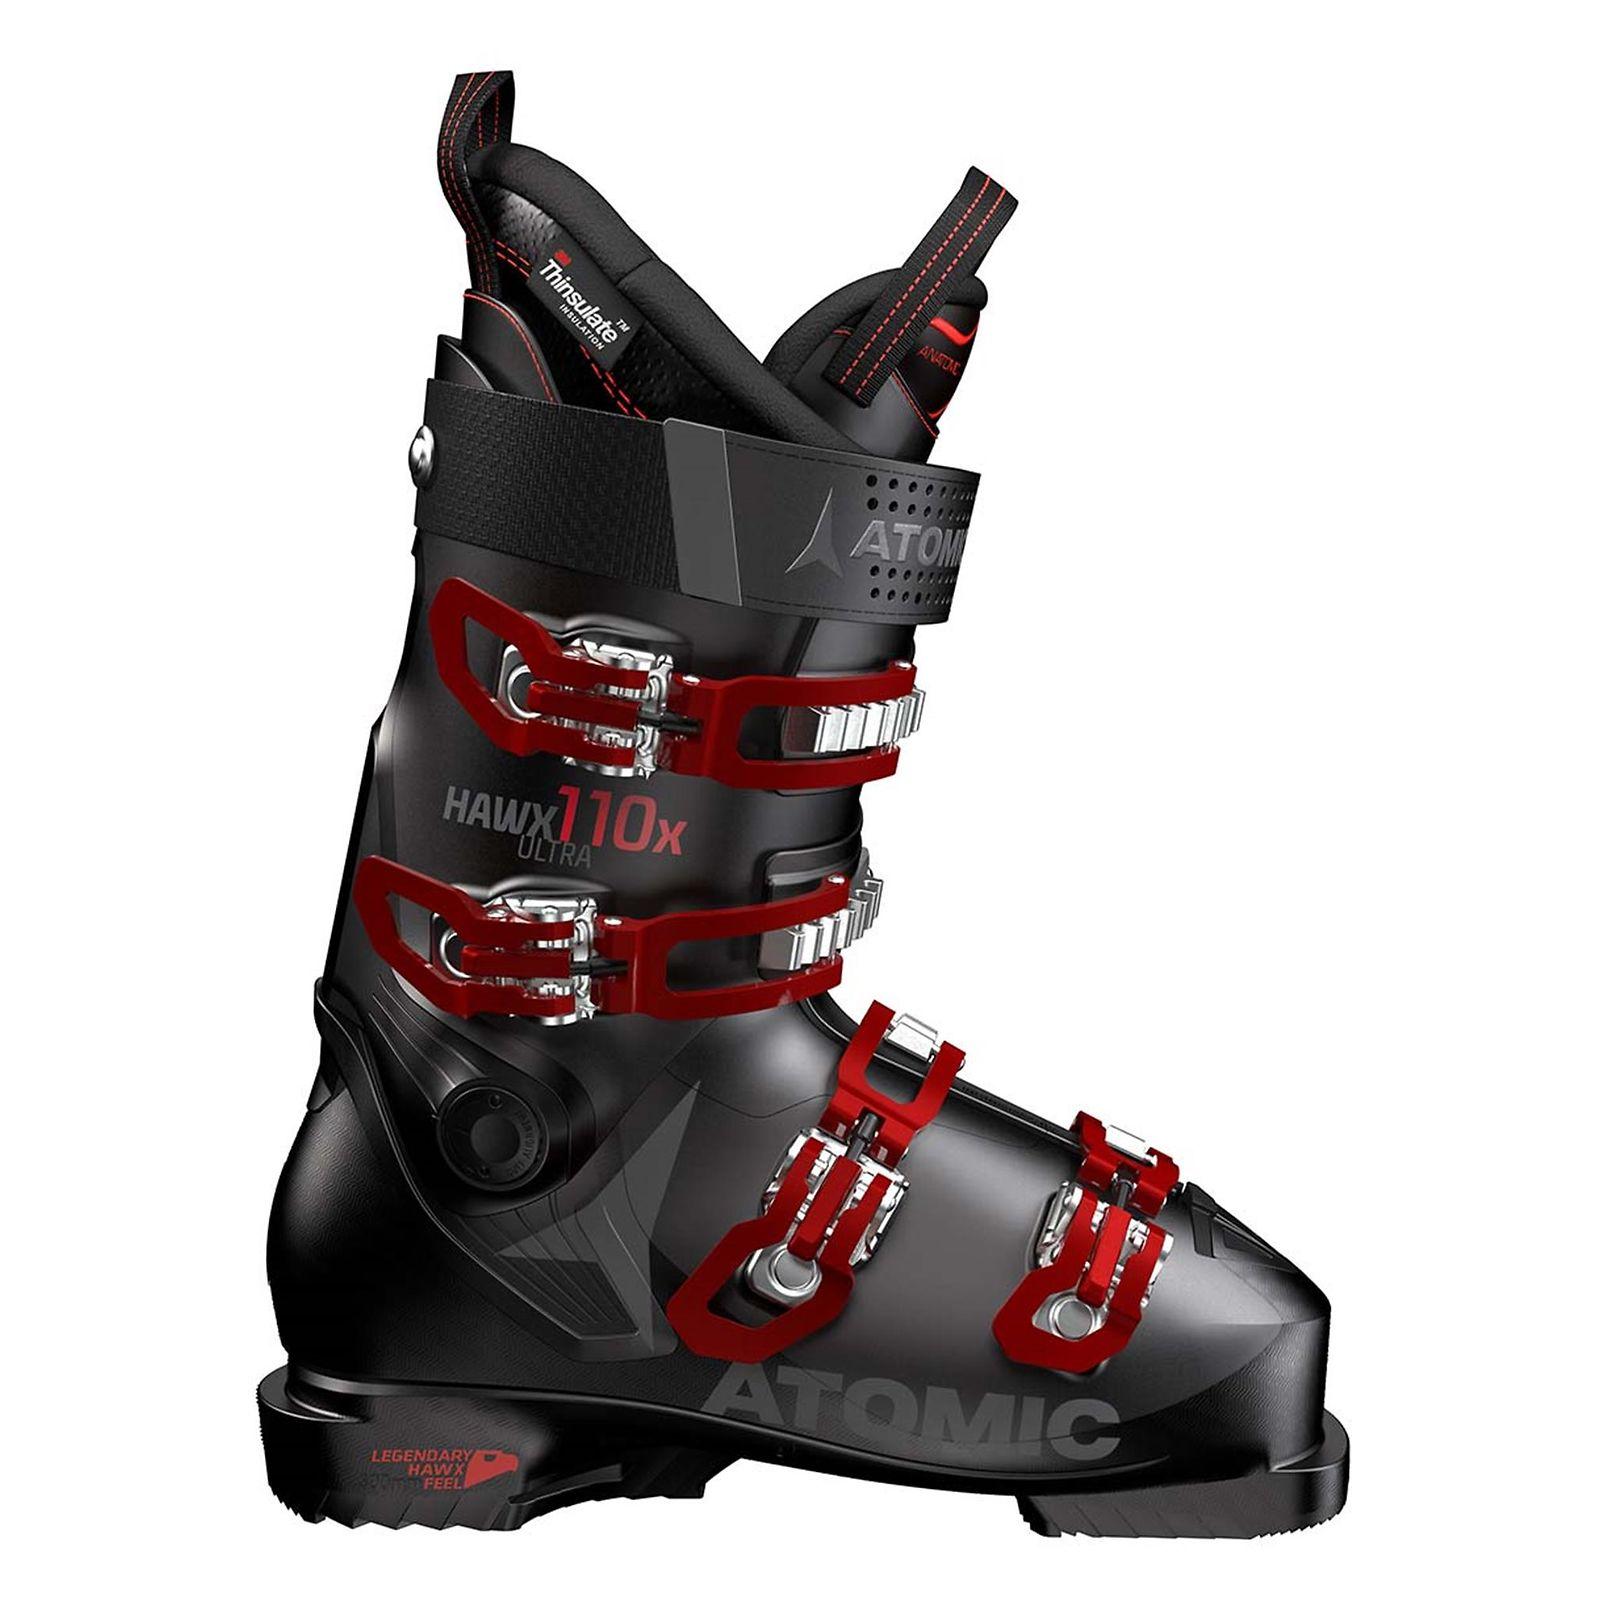 Buty narciarskie męskie Atomic Hawx Ultra 110X F110